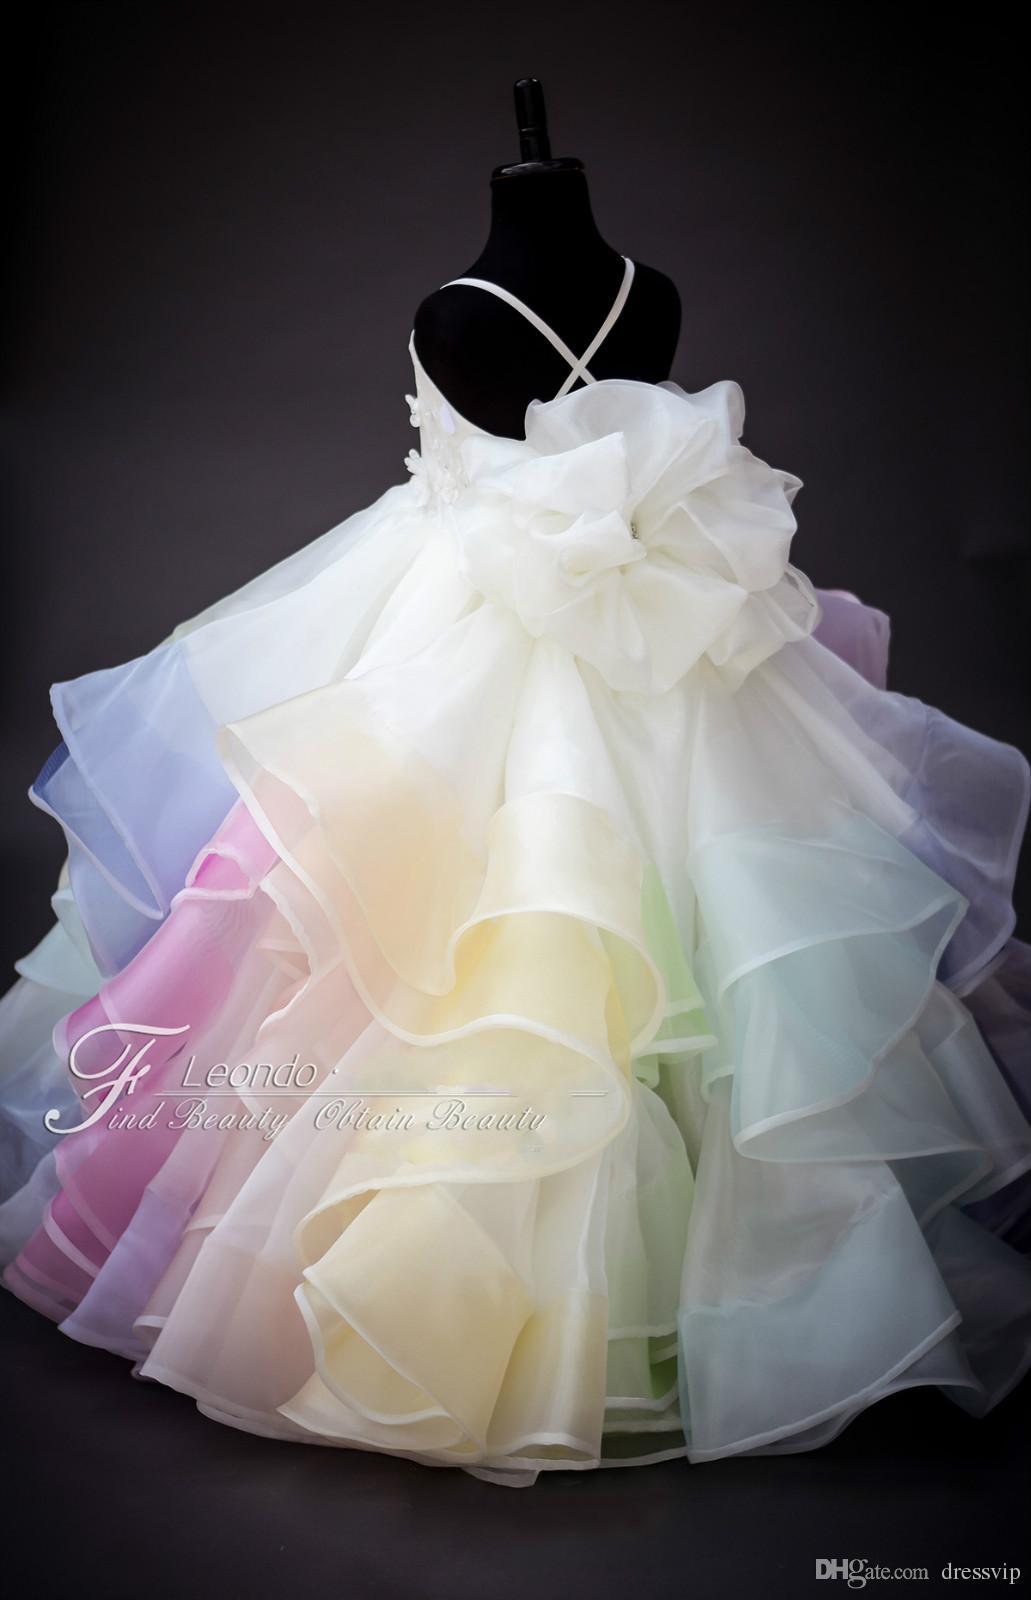 2020 귀여운 무지개 꽃의 소녀 드레스 레이스 3D 꽃 새해 페르시 계층 영성체 드레스 스파게티 댄스 파티 드레스 파티 저녁 착용